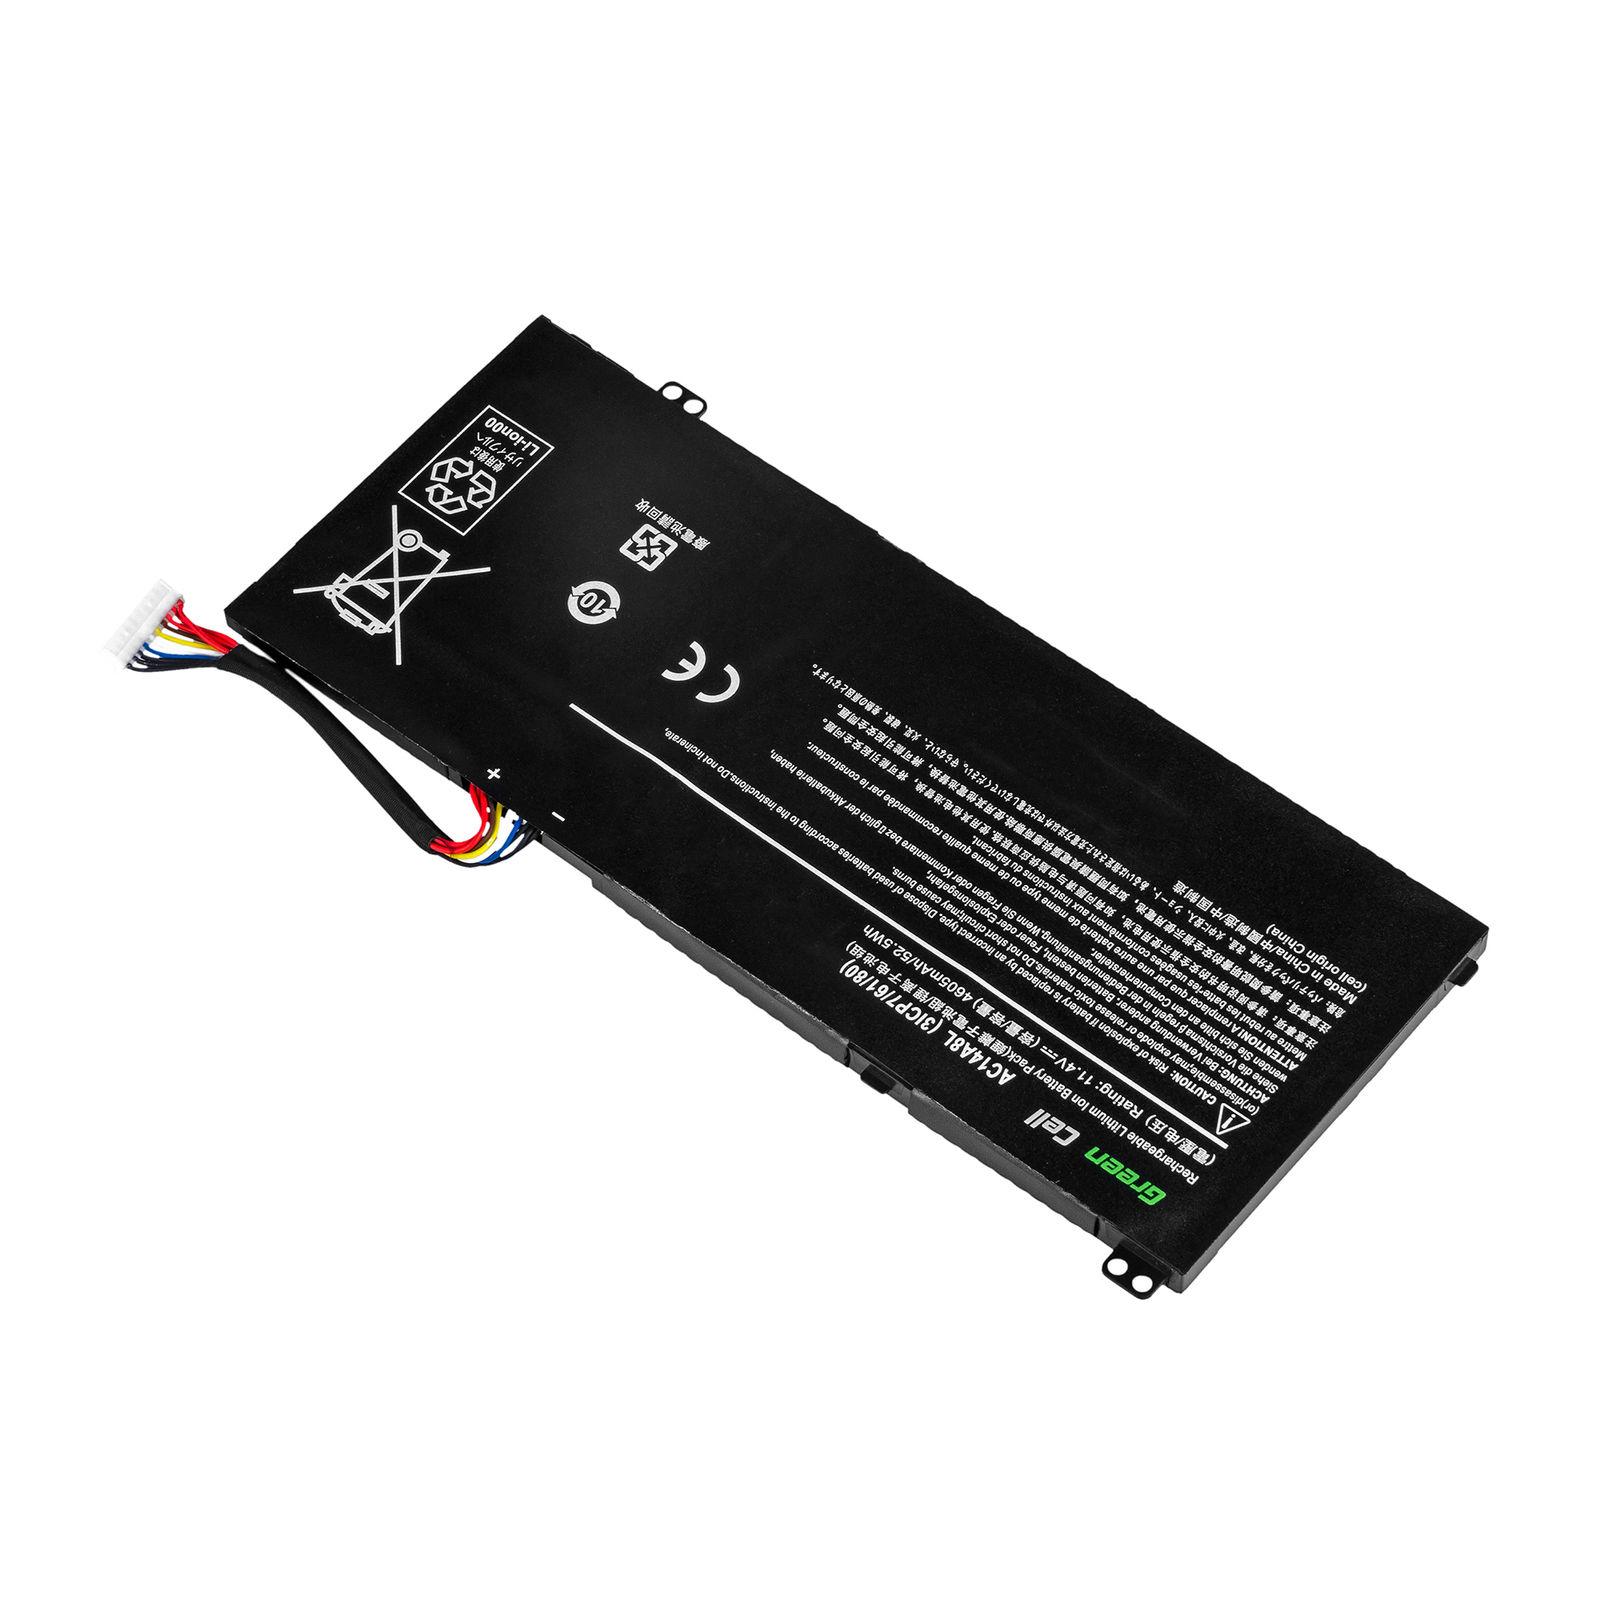 Akku für Acer V15 Nitro Aspire VN7-571 VN7-572G VN7-791 VN7-591(Ersatz)